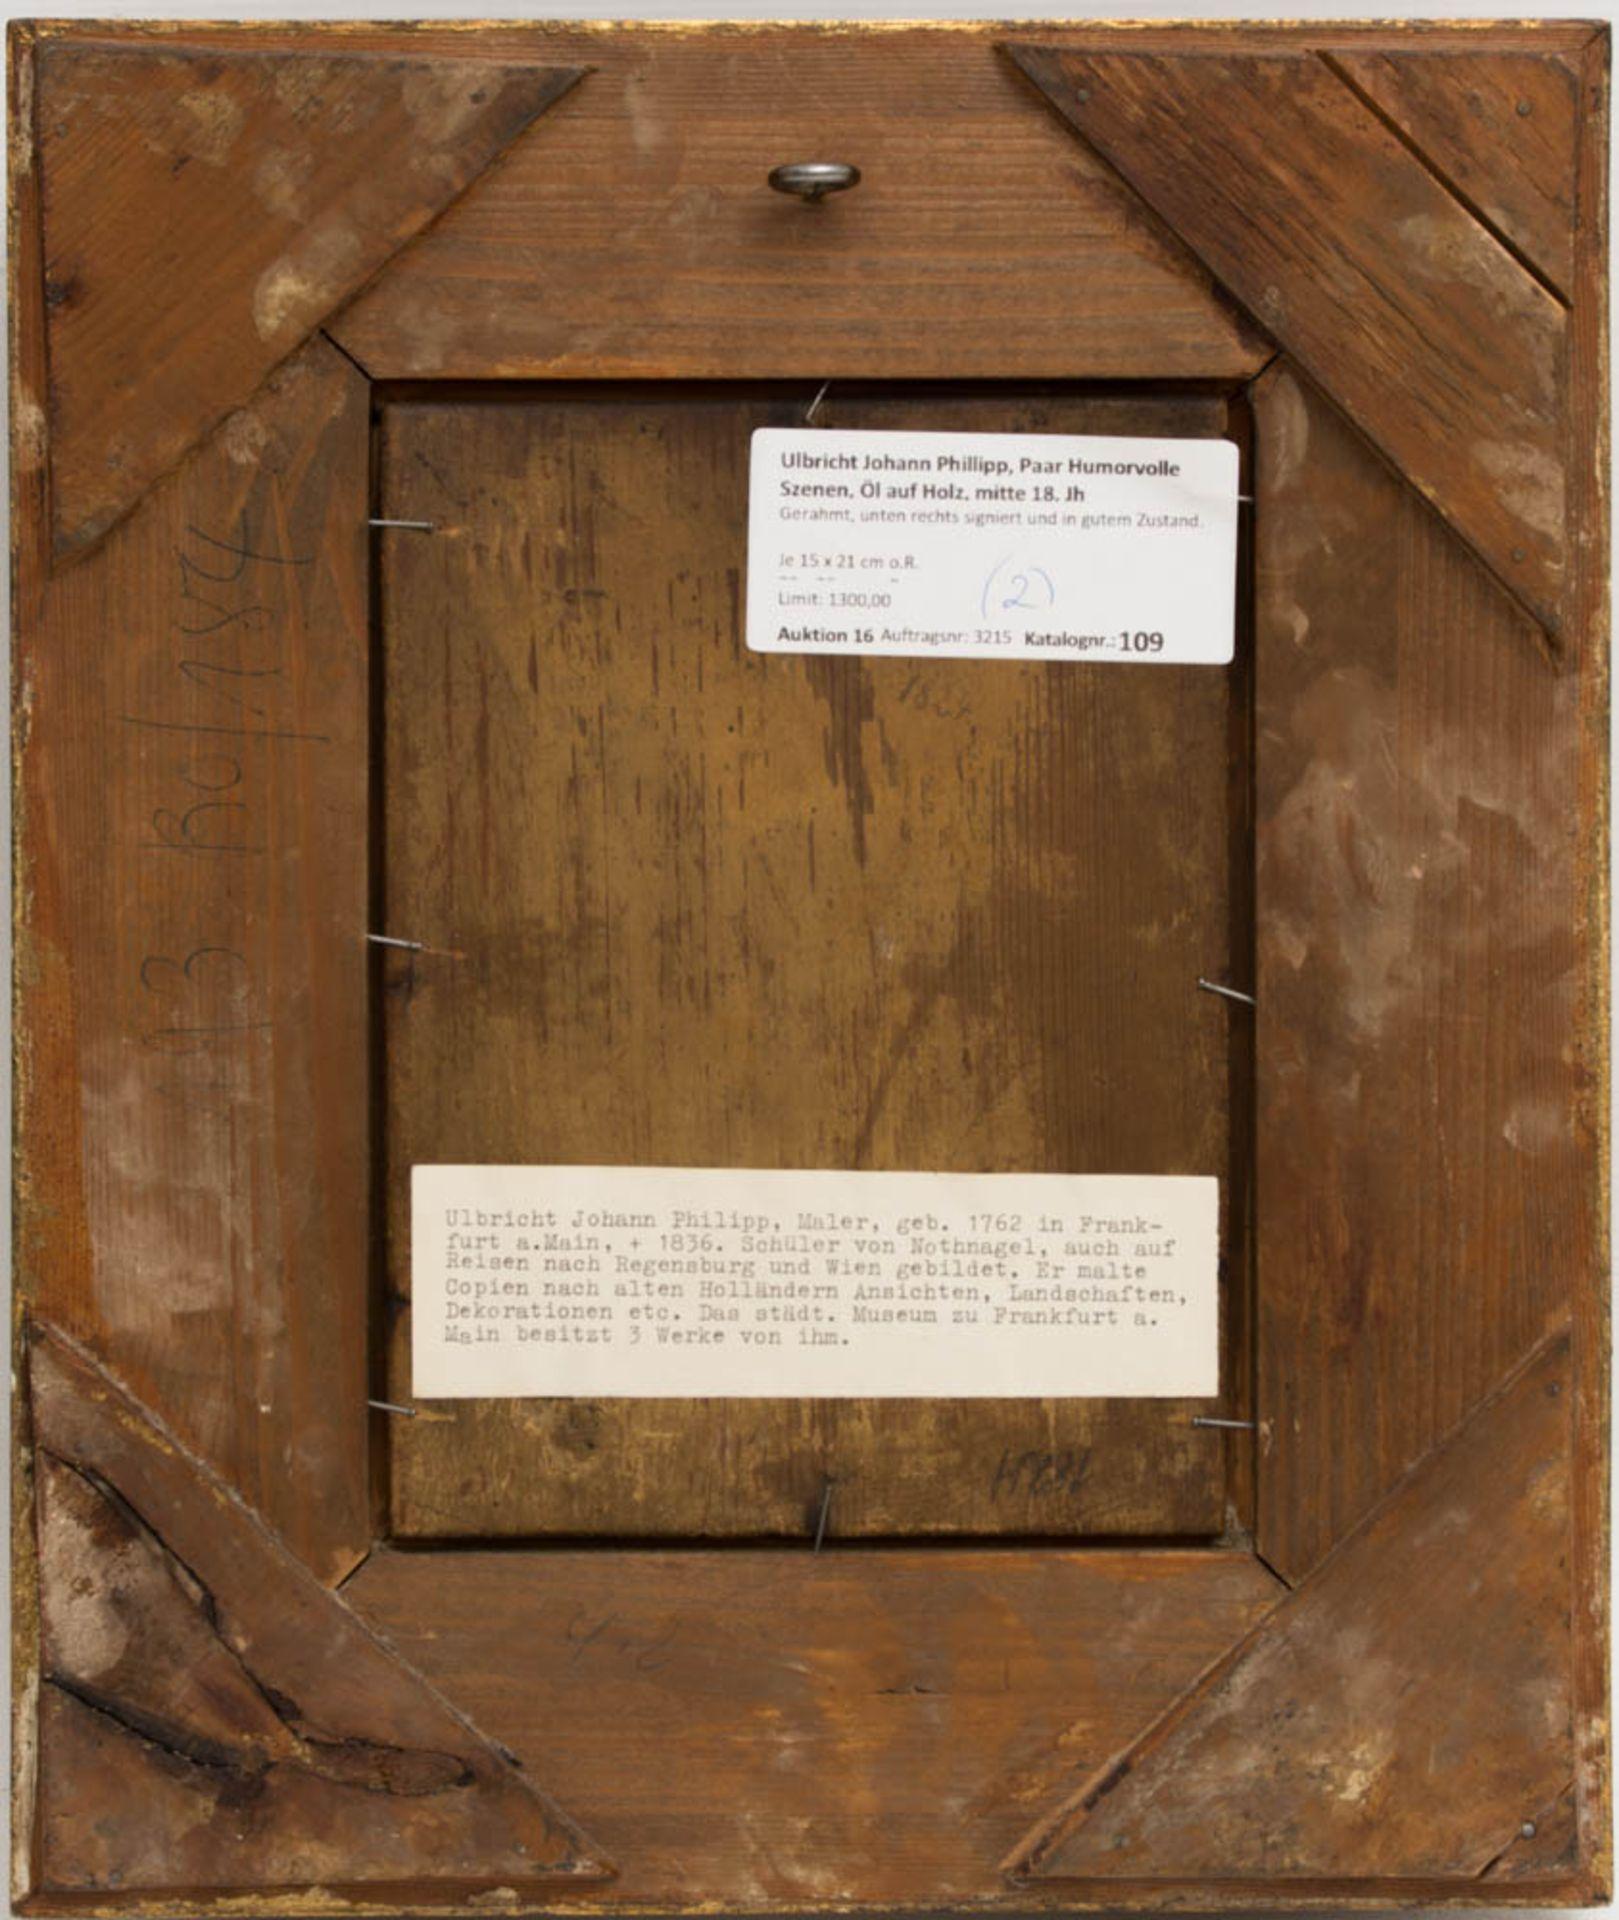 Johann Phillipp Ulbricht, Paar humorvolle Szenen, Öl auf Holz, Mitte 18. Jh. - Bild 3 aus 12